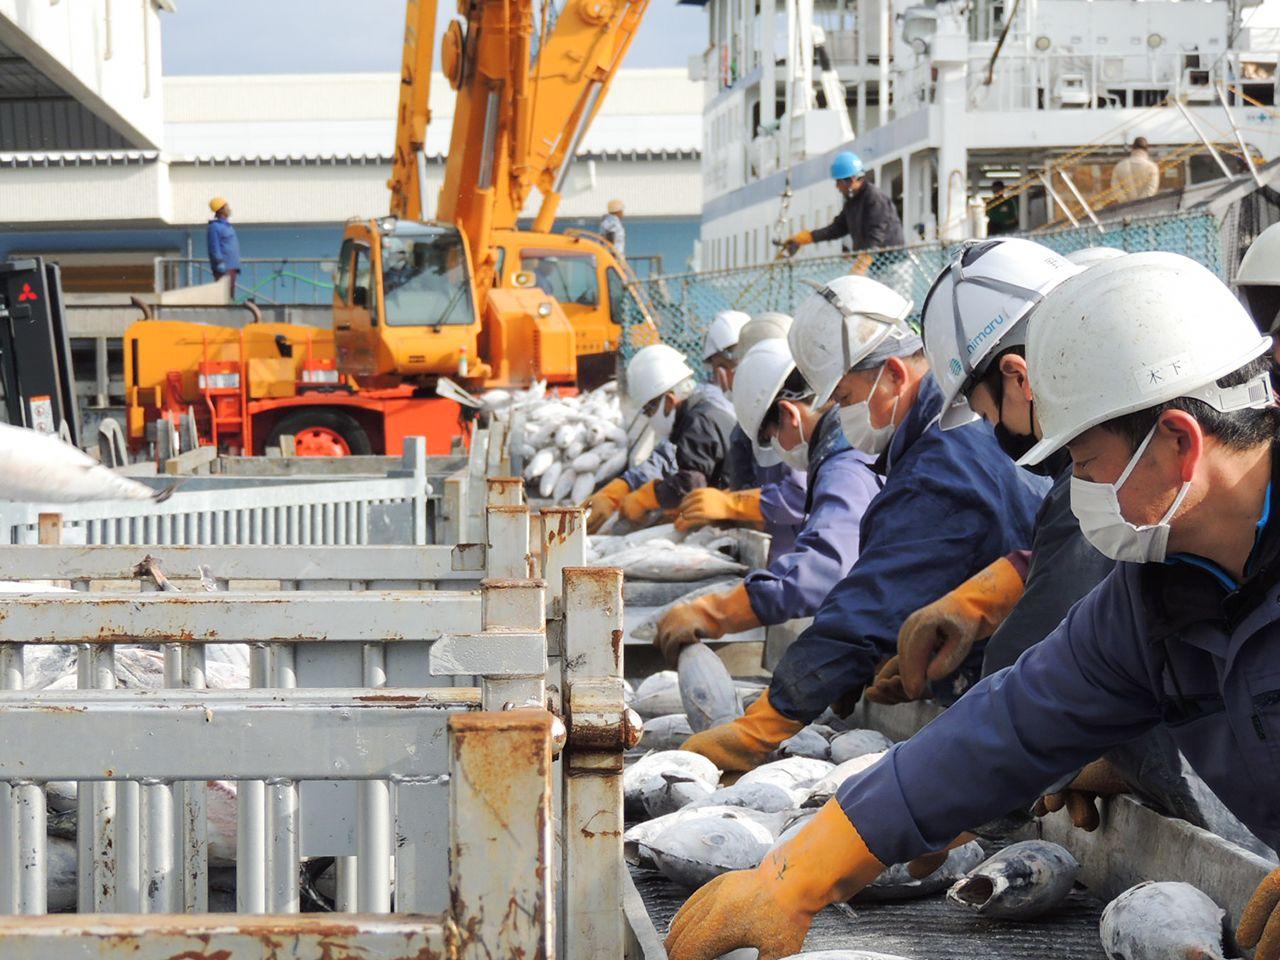 Pekerja menyortir bonito beku di Pelabuhan Yaizu.